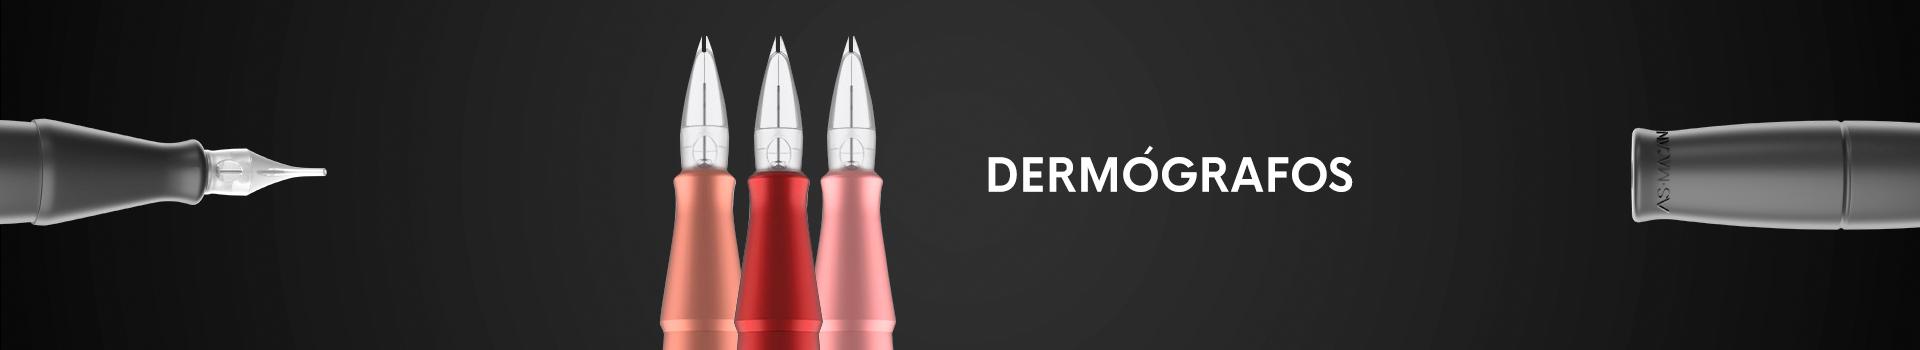 Dermografos